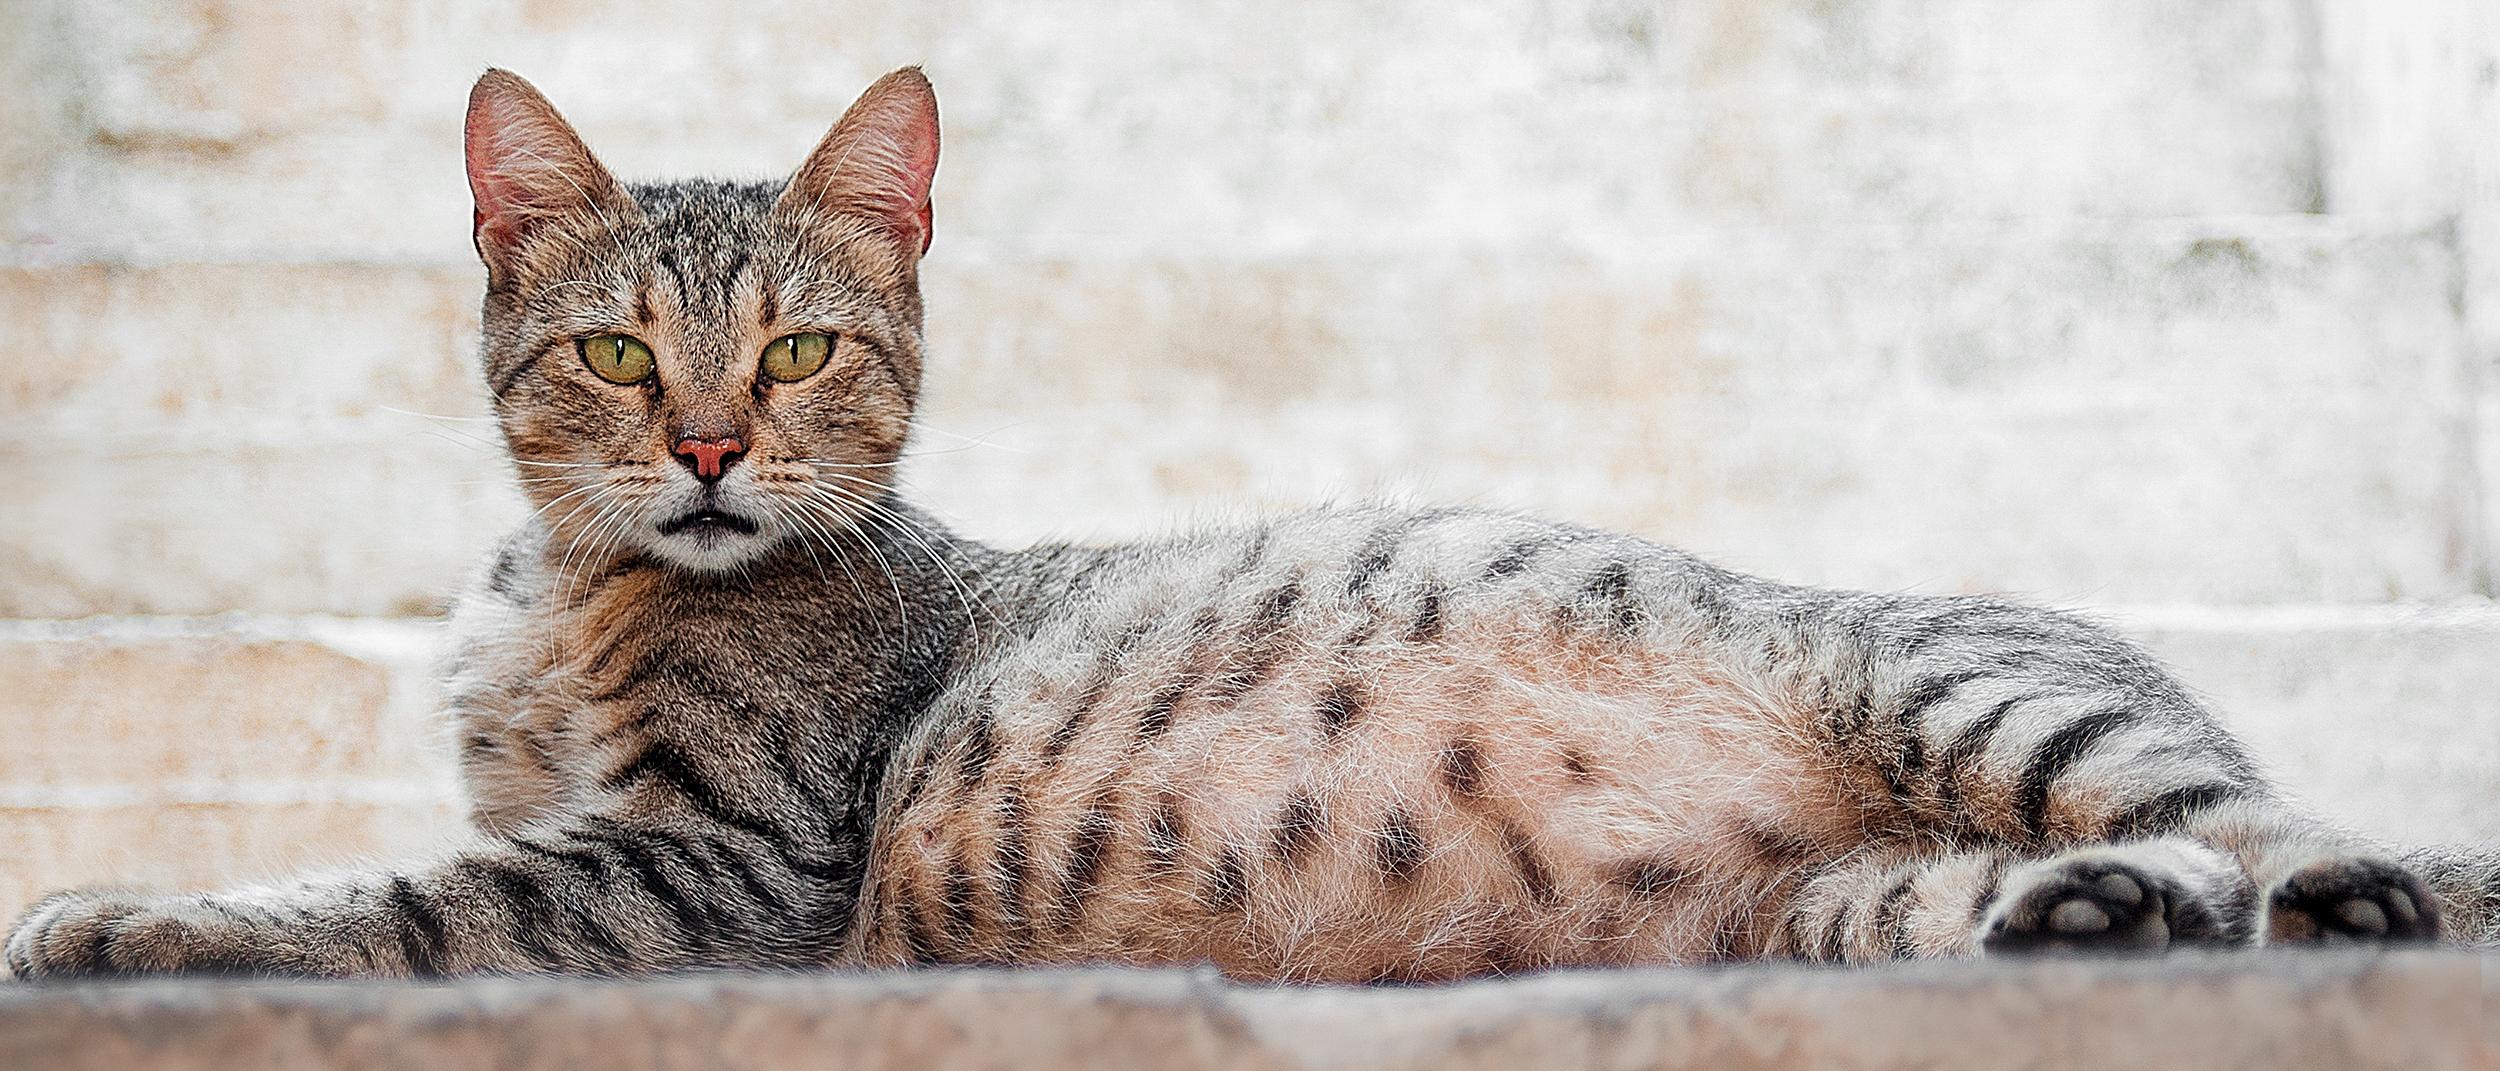 Feeding Your Kitten Helpful Kitten Feeding Schedules And Charts Kitten Food Feeding Kittens Cat Nutrition